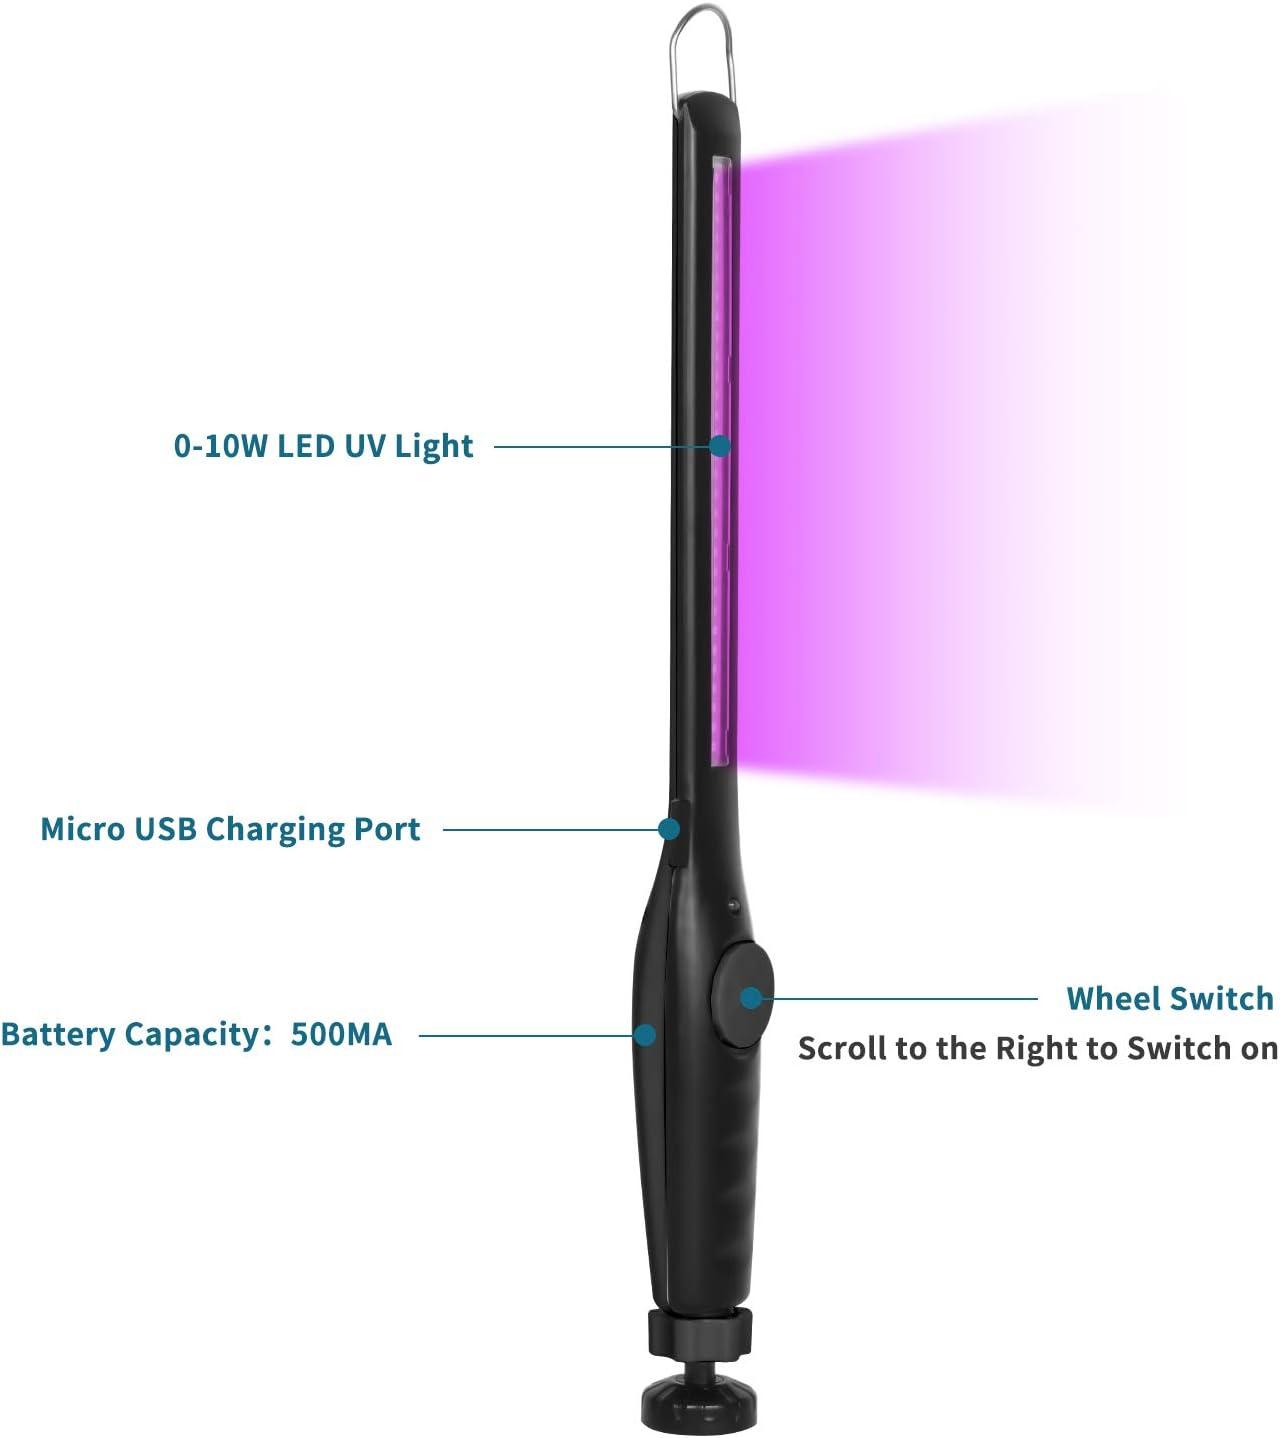 WC casa armadio auto Sterilizzatore portatile con luce UV Hanmir per hotel